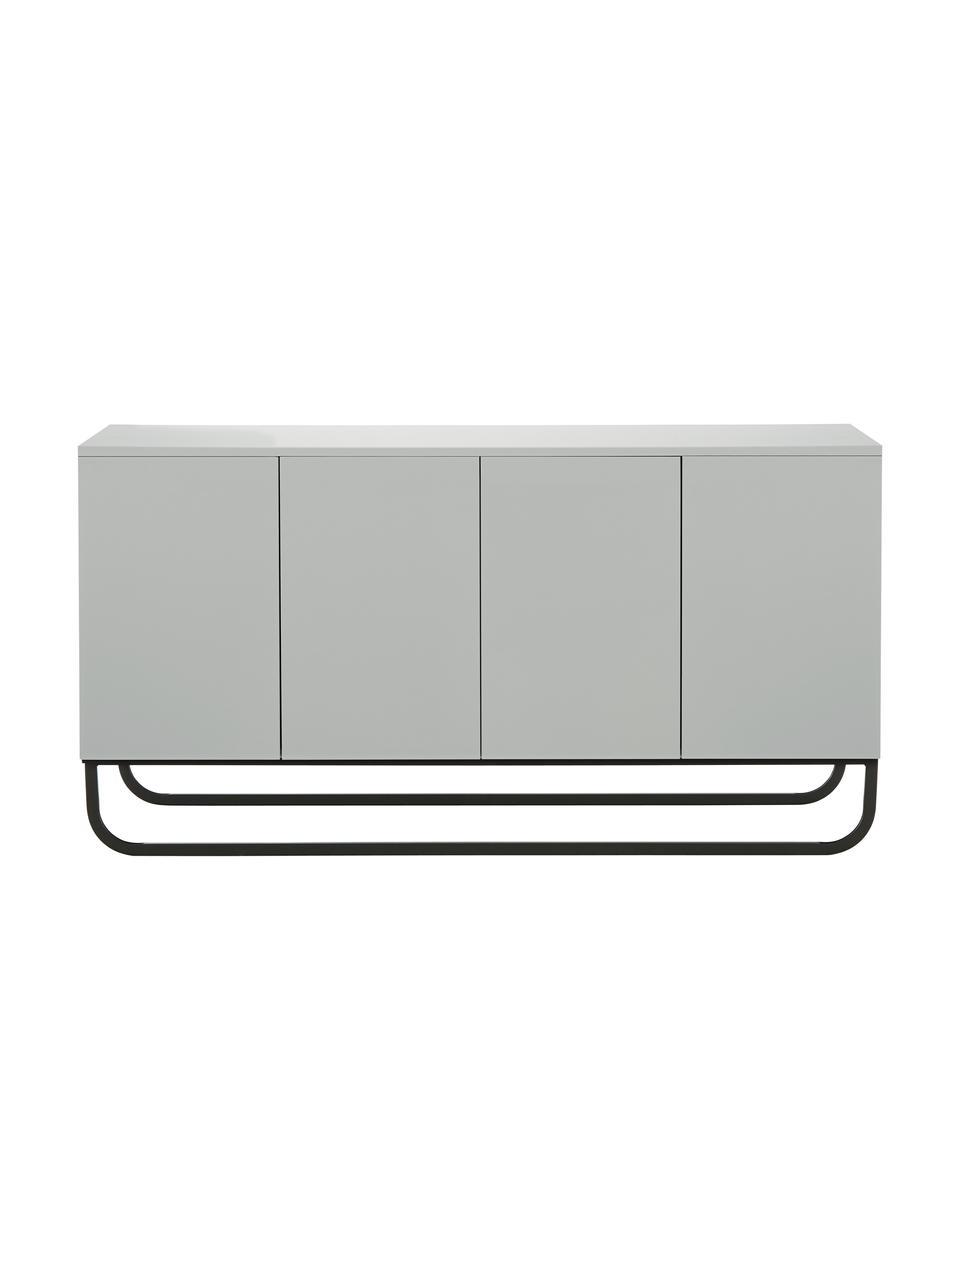 Klassisches Sideboard Sanford in Hellgrau mit Türen, Korpus: Mitteldichte Holzfaserpla, Fußgestell: Metall, pulverbeschichtet, Hellgrau, Schwarz, 160 x 83 cm